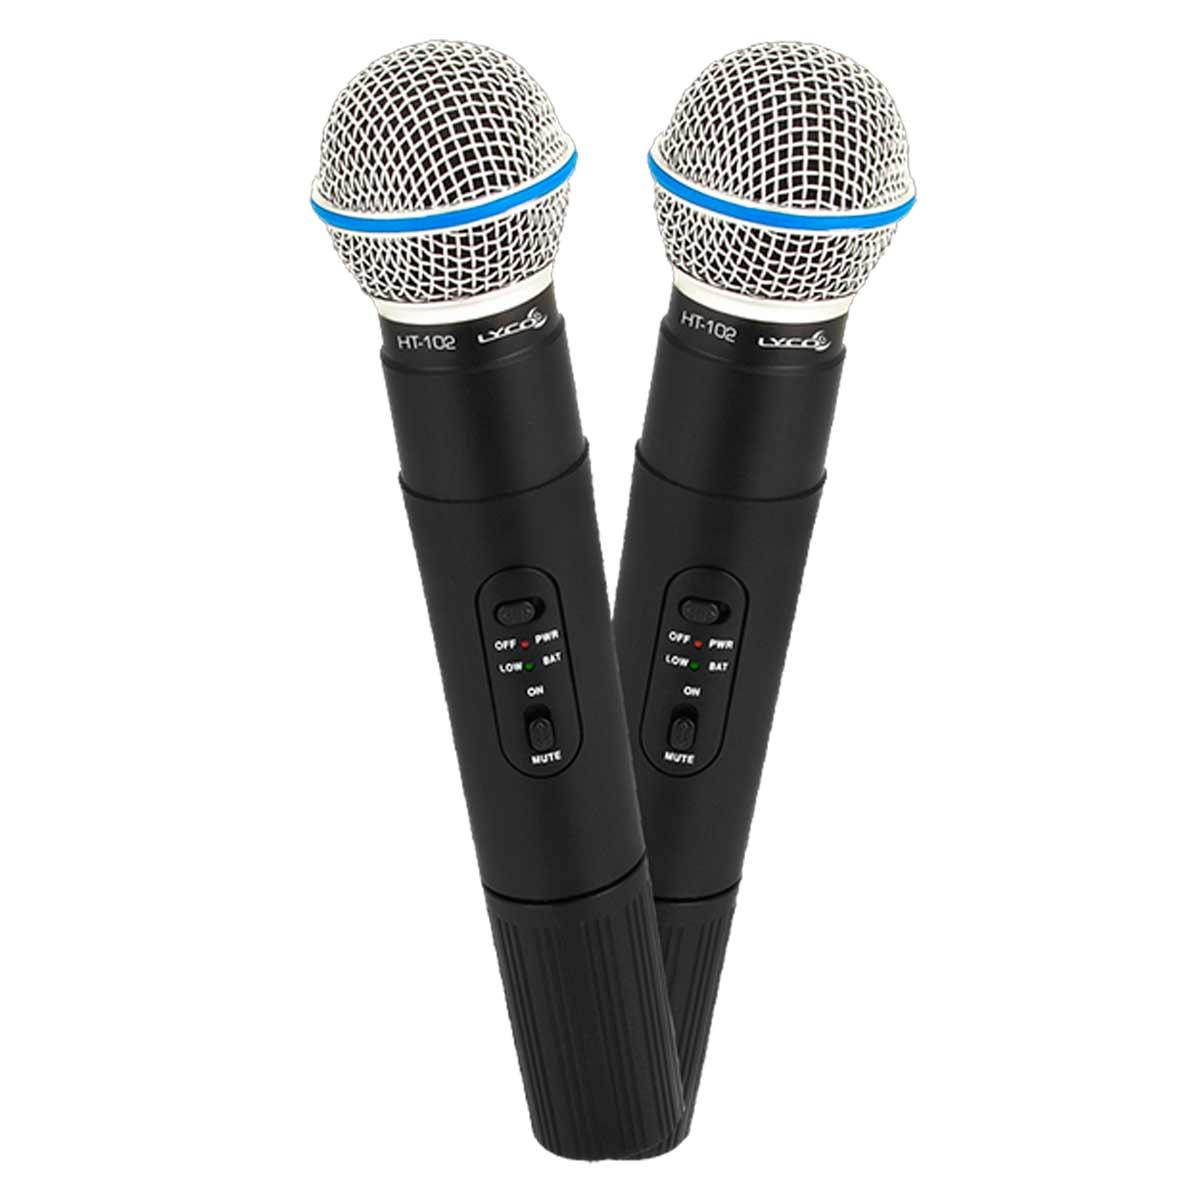 VH202PROMM - Microfone s/ Fio de Mão Duplo VHF VH 202 PRO MM - Lyco